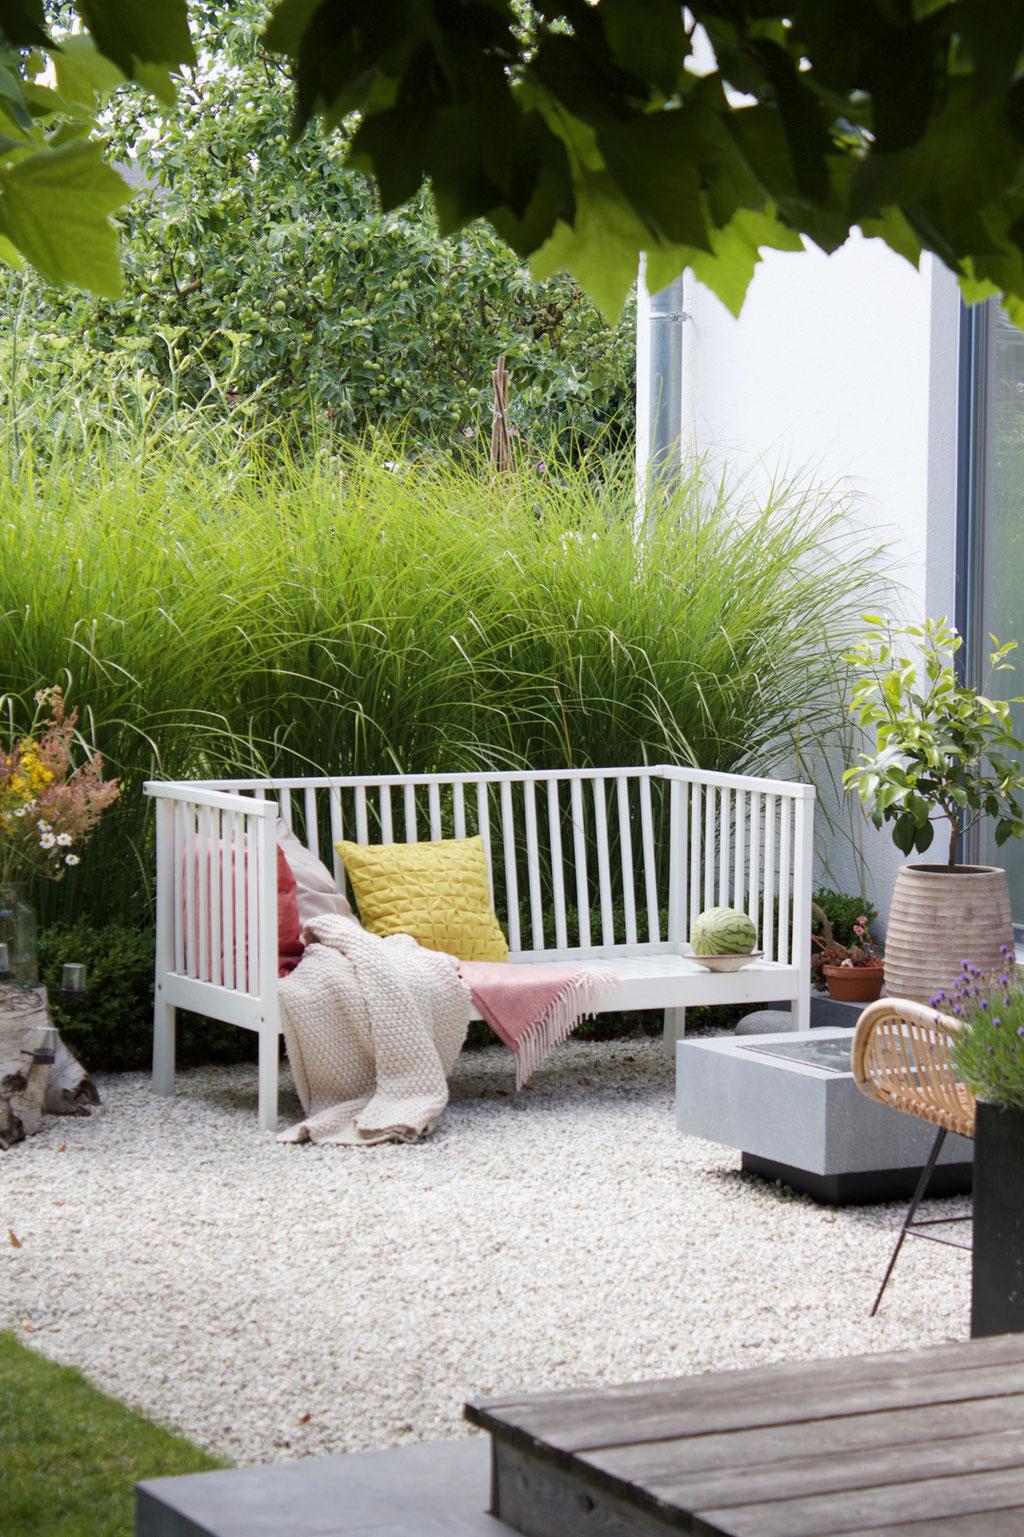 dieartigeBLOG - Gartenbank mit Kissen in Rosa und Zitronengelb + Brunnen